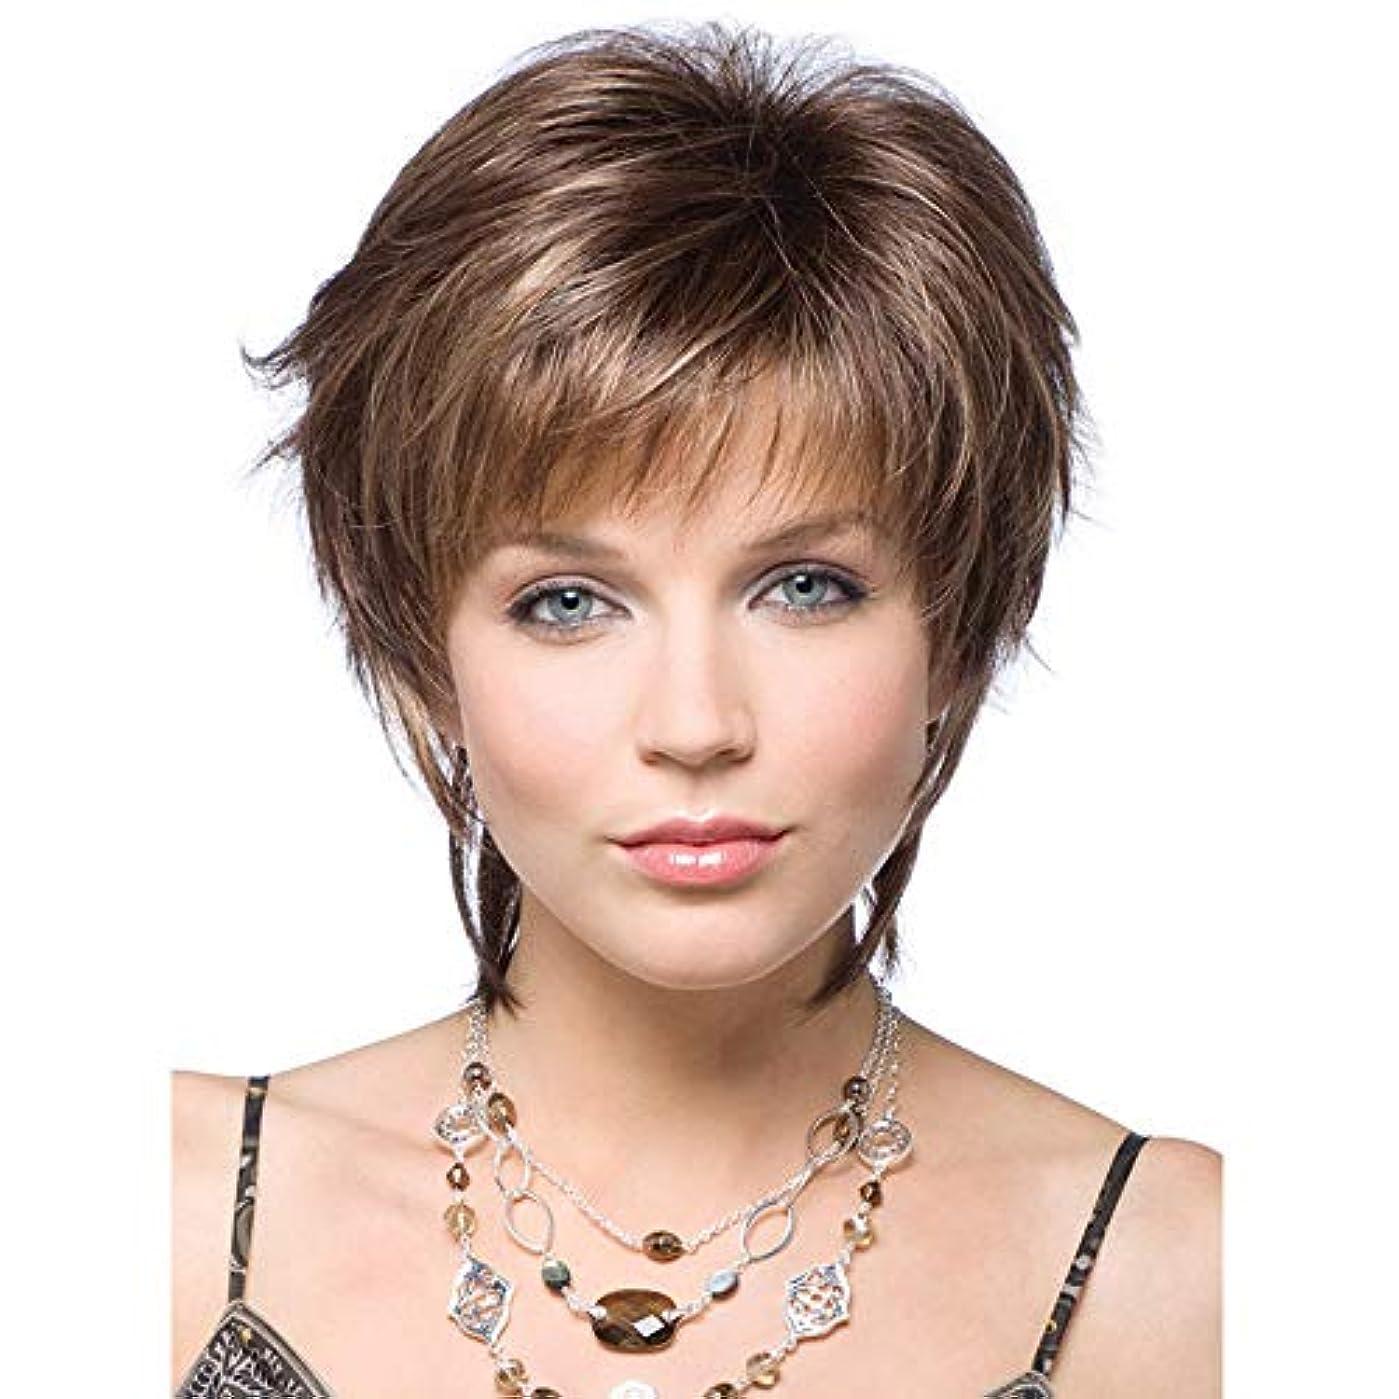 ミトン離れた協定女性用かつら180%密度合成耐熱ショーツブラジル人毛ウィッグブラウン25cm